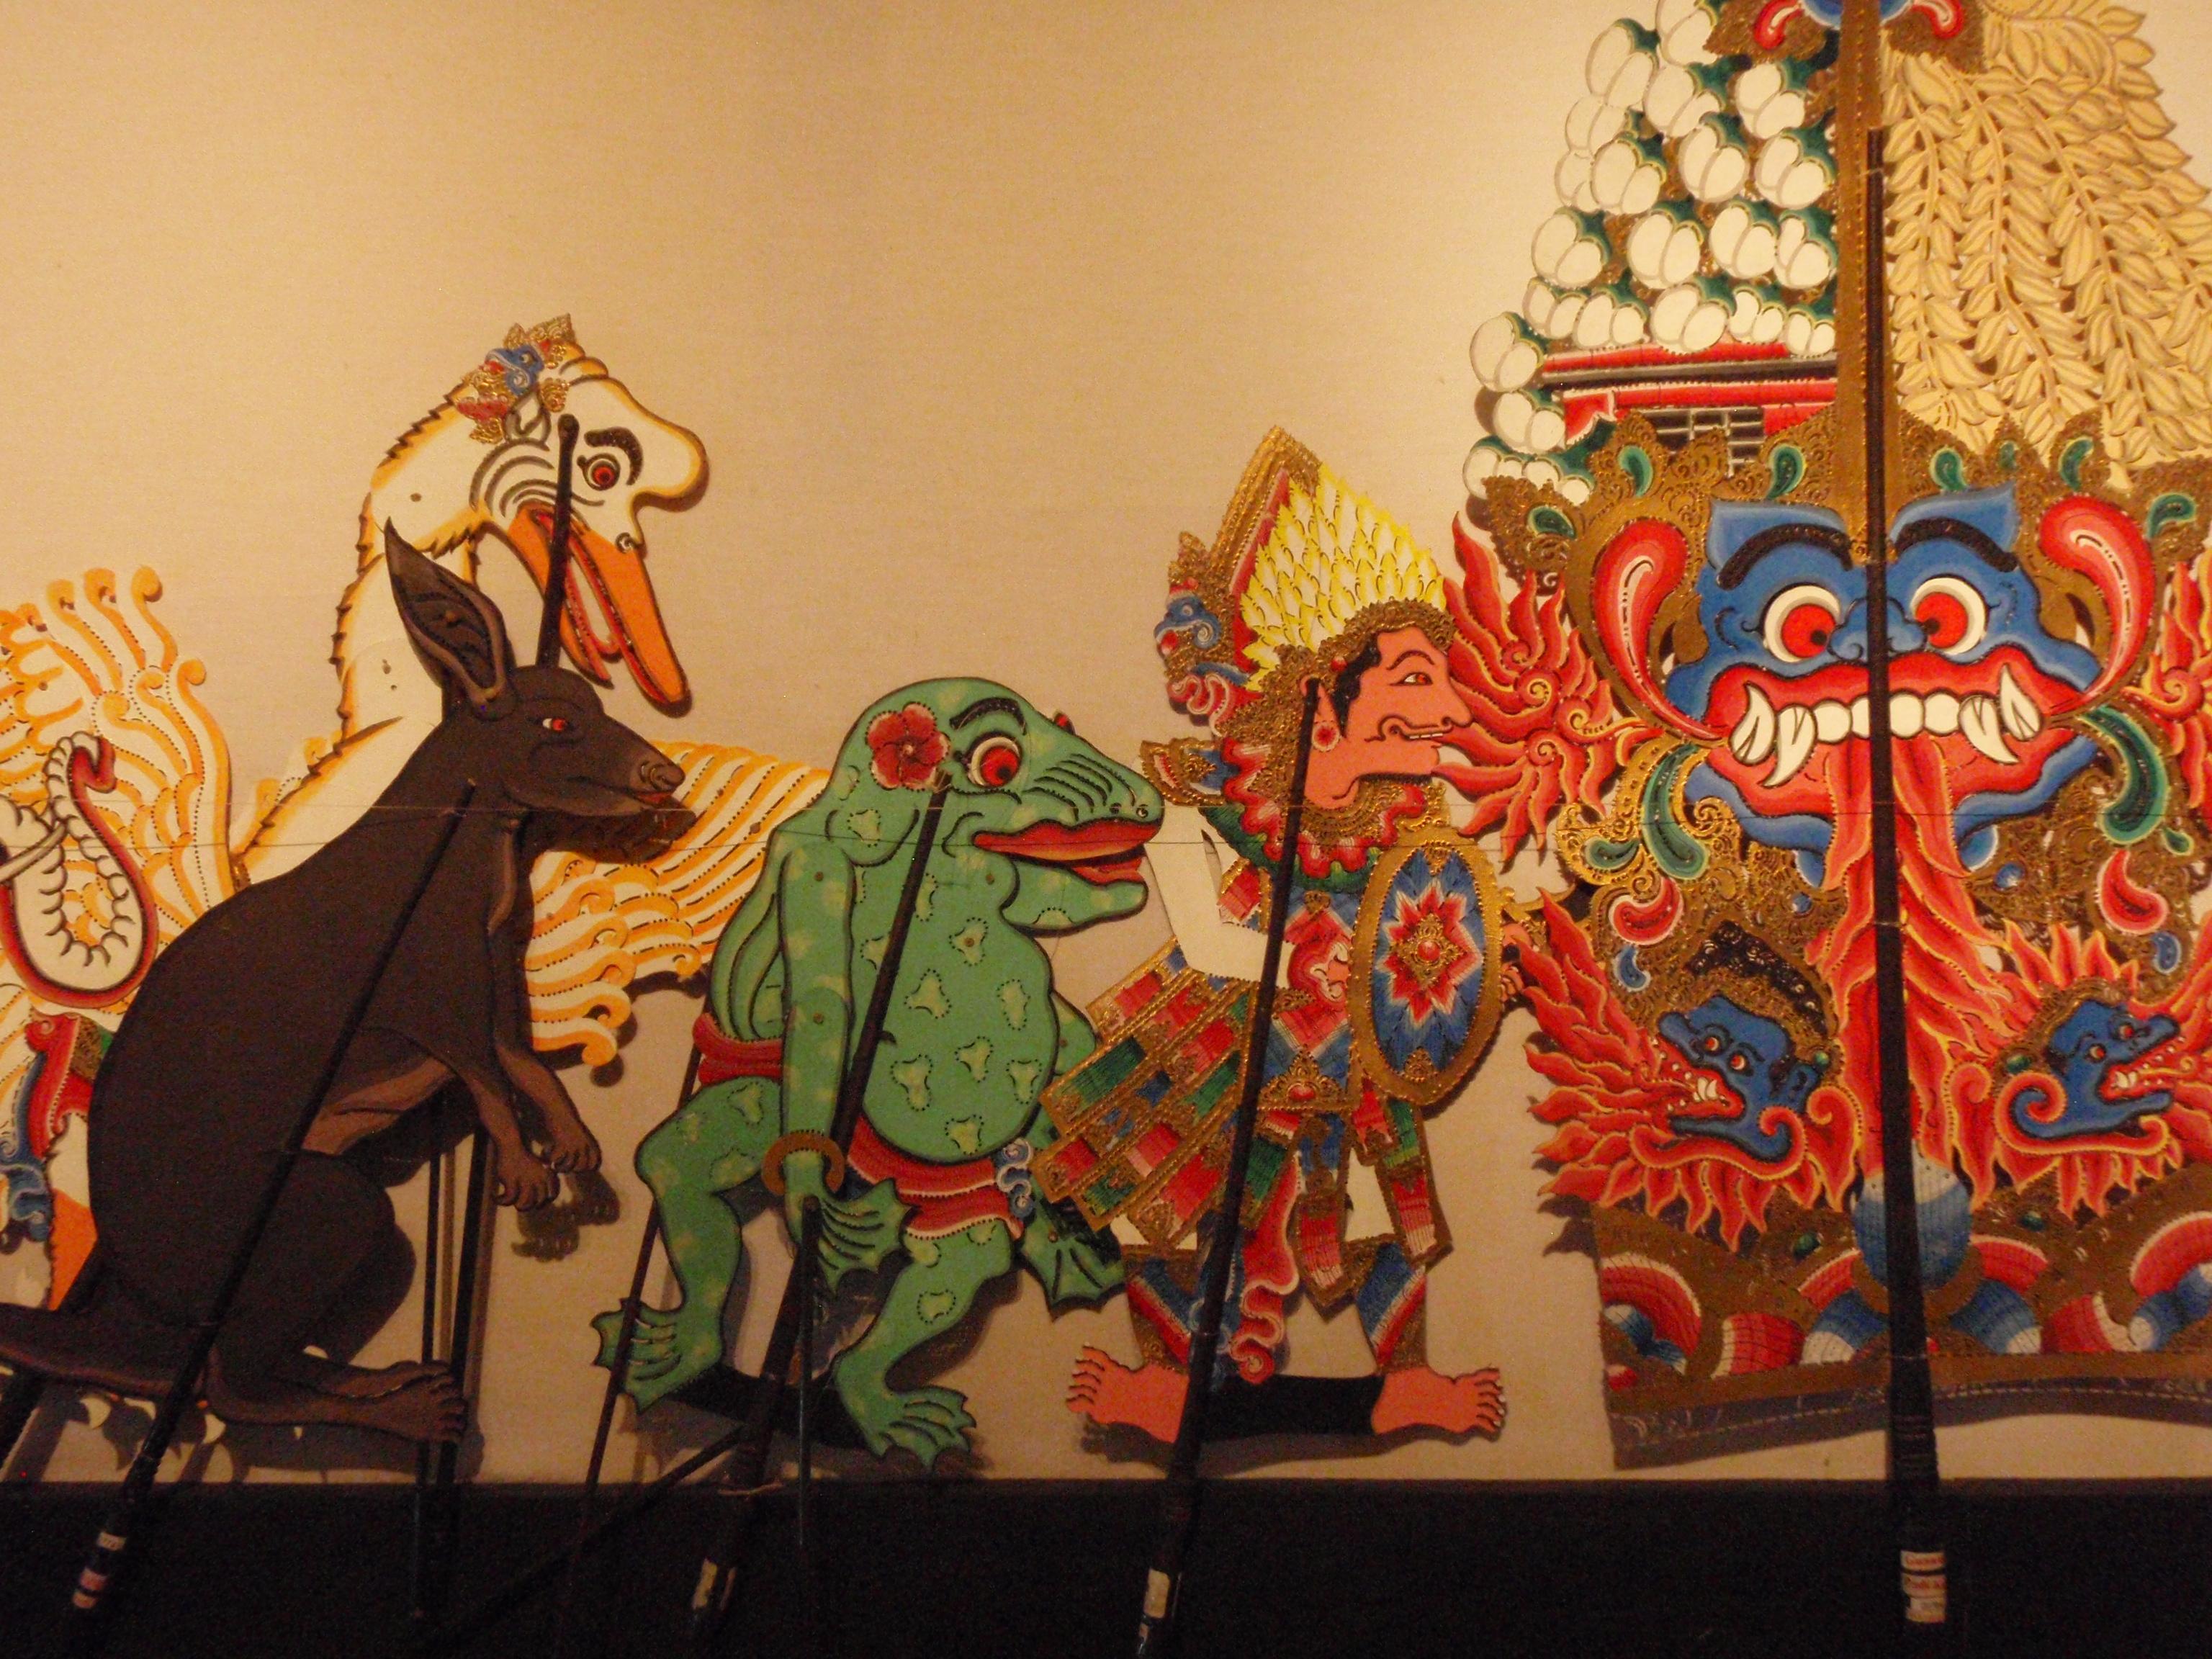 Wayang <em>kulit</em> tantri (Bali), créé en 1976, présente des histoires bouddhistes racontées par des personnages animaux, créateur du wayang : I Made Sidja (Bone, Gianyar, Bali). Collection : Setia Darma House of Masks and Puppets, Gianyar, Bali, Indonésie.